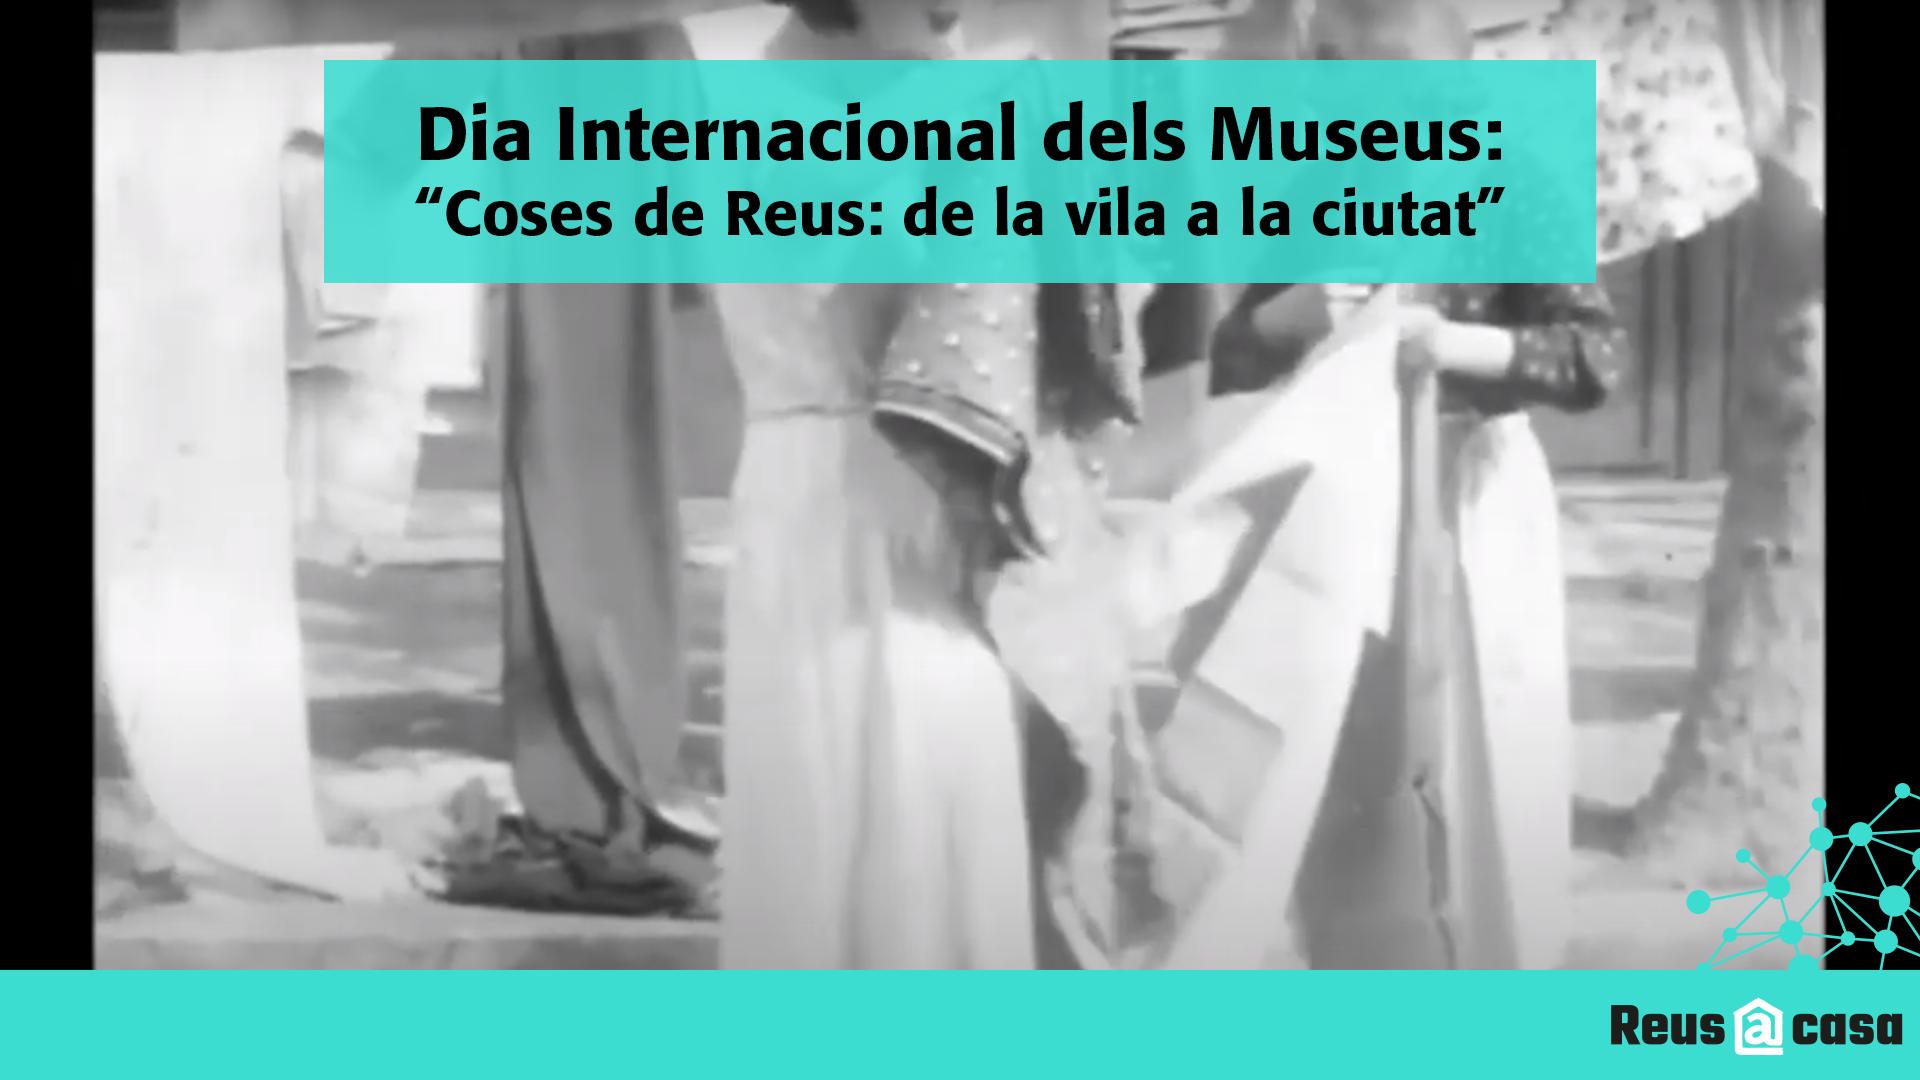 Dia Internacional dels Museus: Exposició Coses de Reus